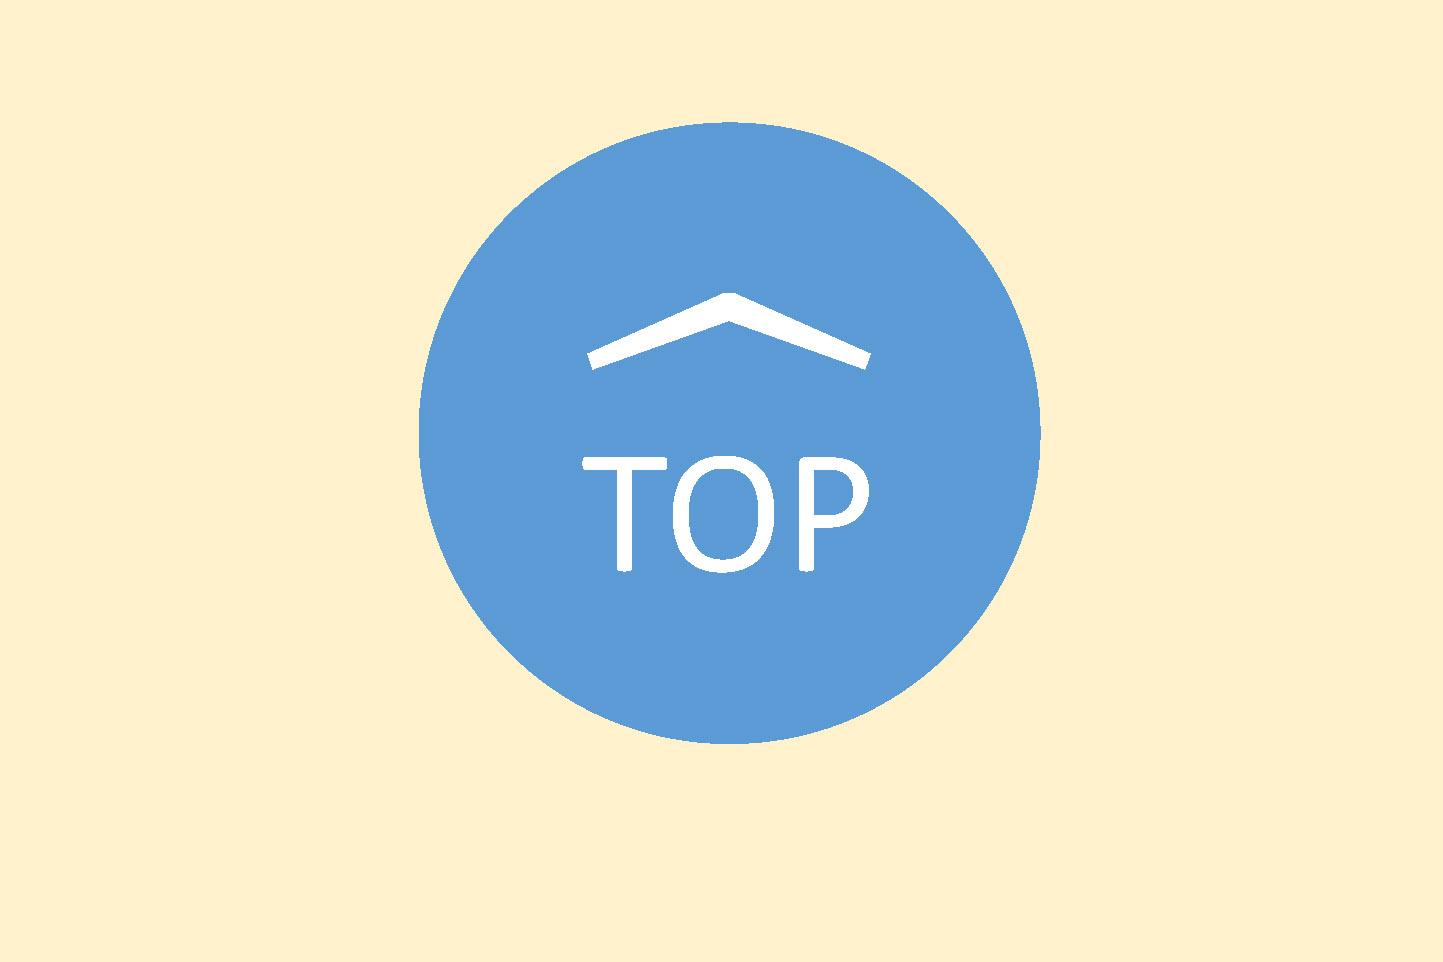 Cách thêm nút back to top vào website - HIWEB